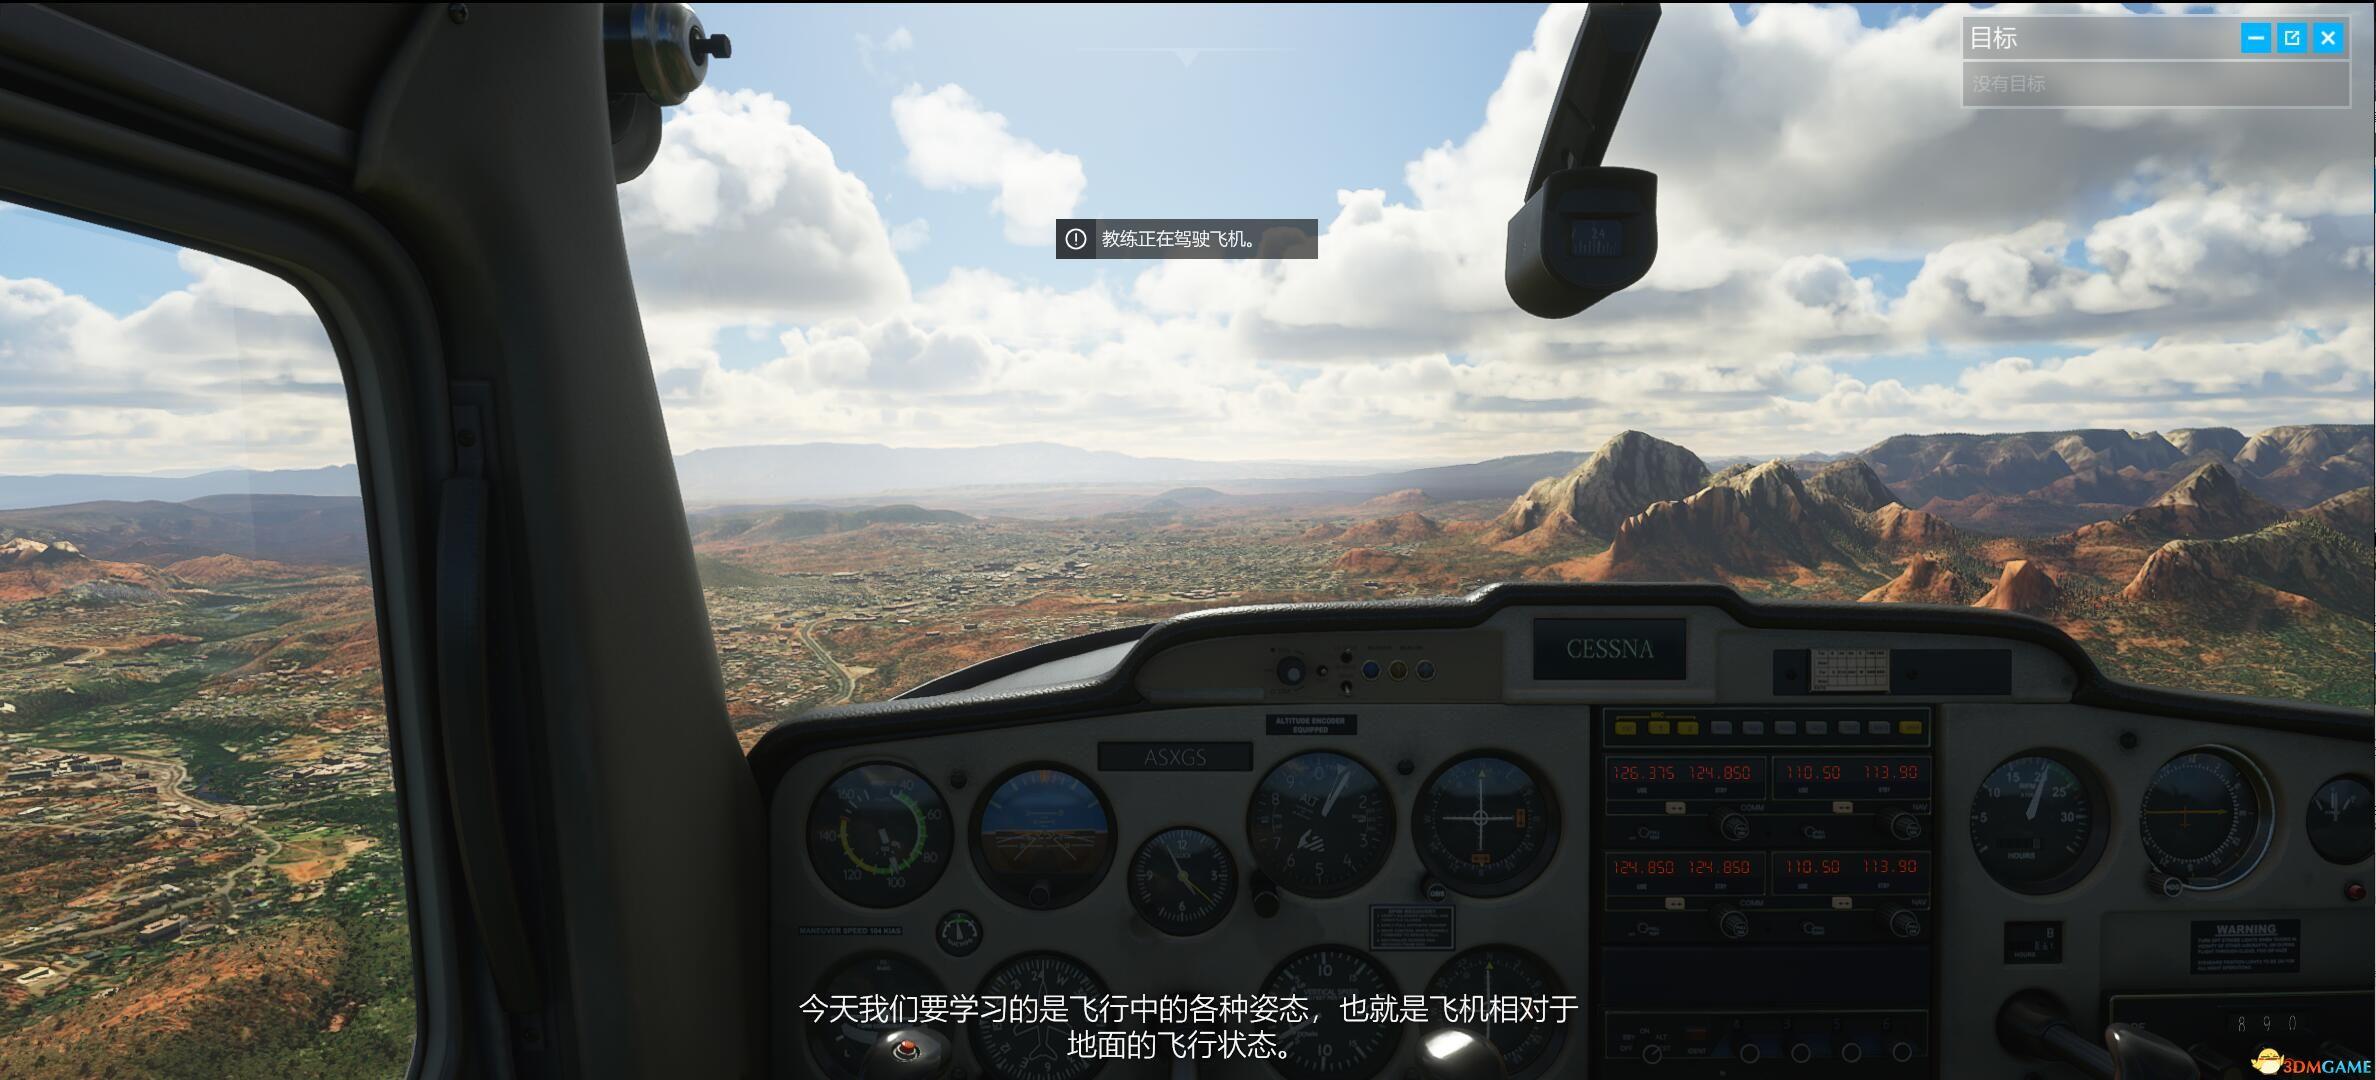 微软飞行模拟2020(Microsoft Flight Simulator)镜像版+汉化补丁+界面简化